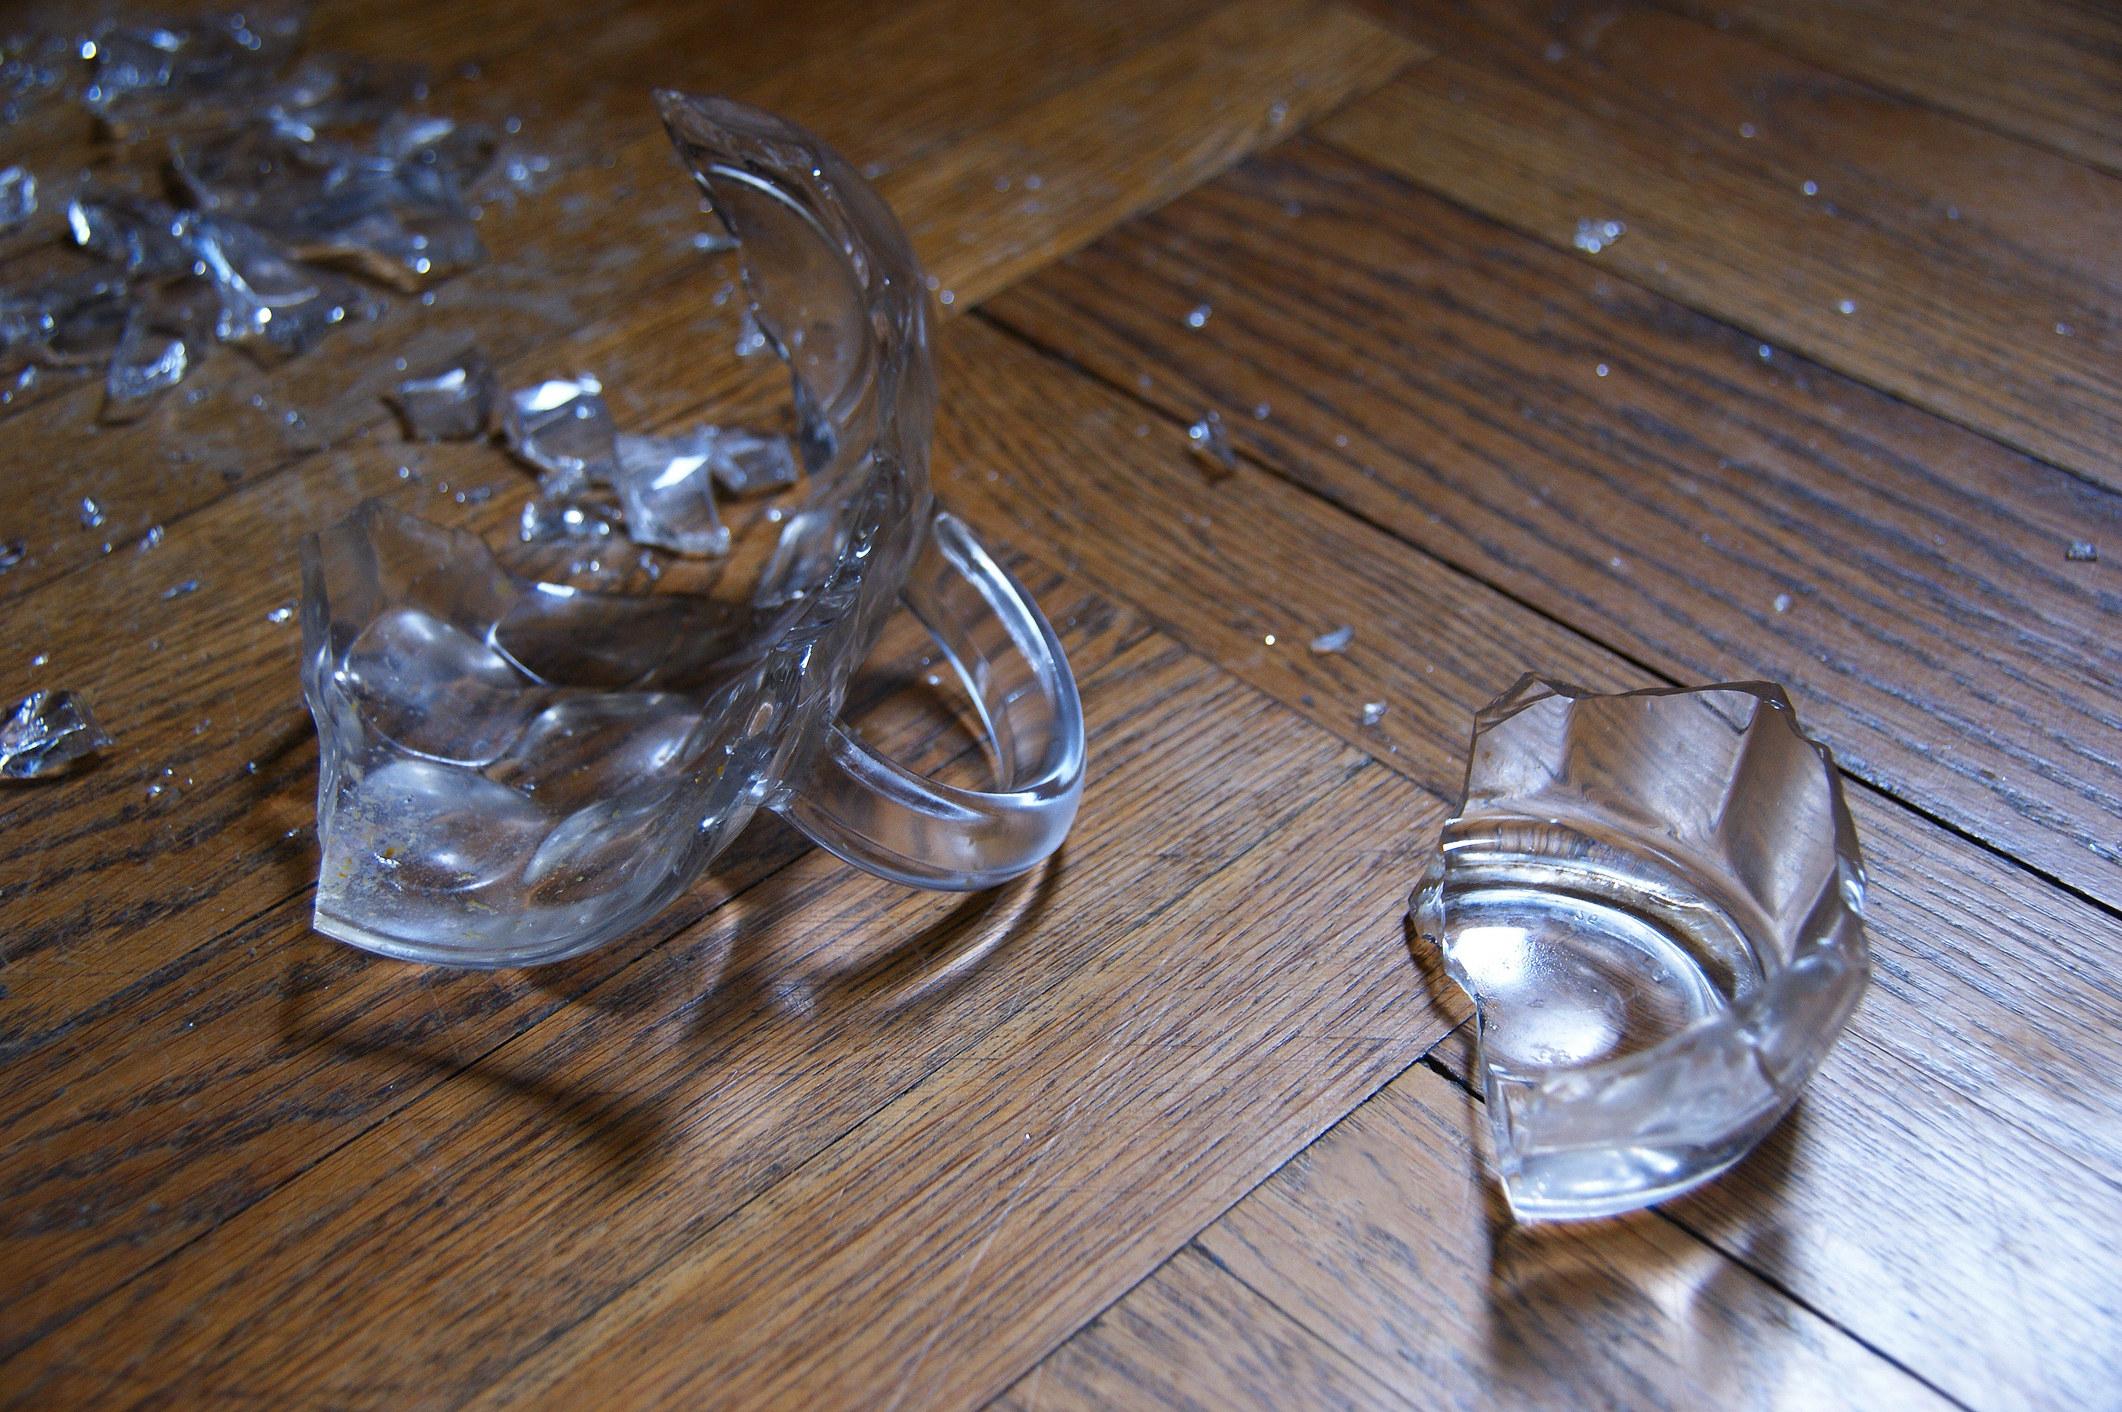 Broken glass cup on floor